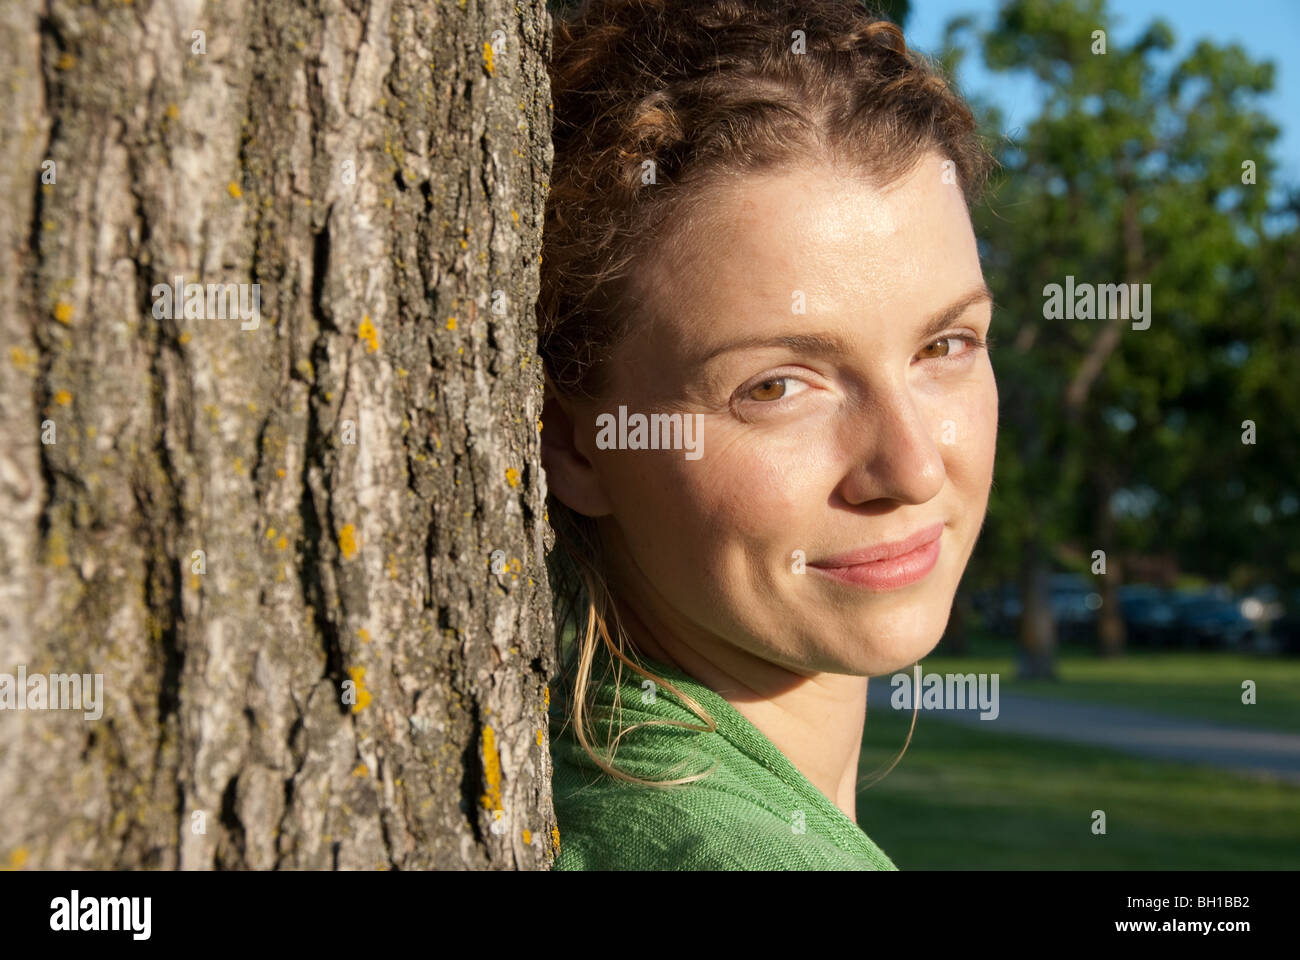 Retrato de mujer en sus 40s junto al árbol, Assiniboine Park, Winnipeg, Manitoba, Canadá Imagen De Stock